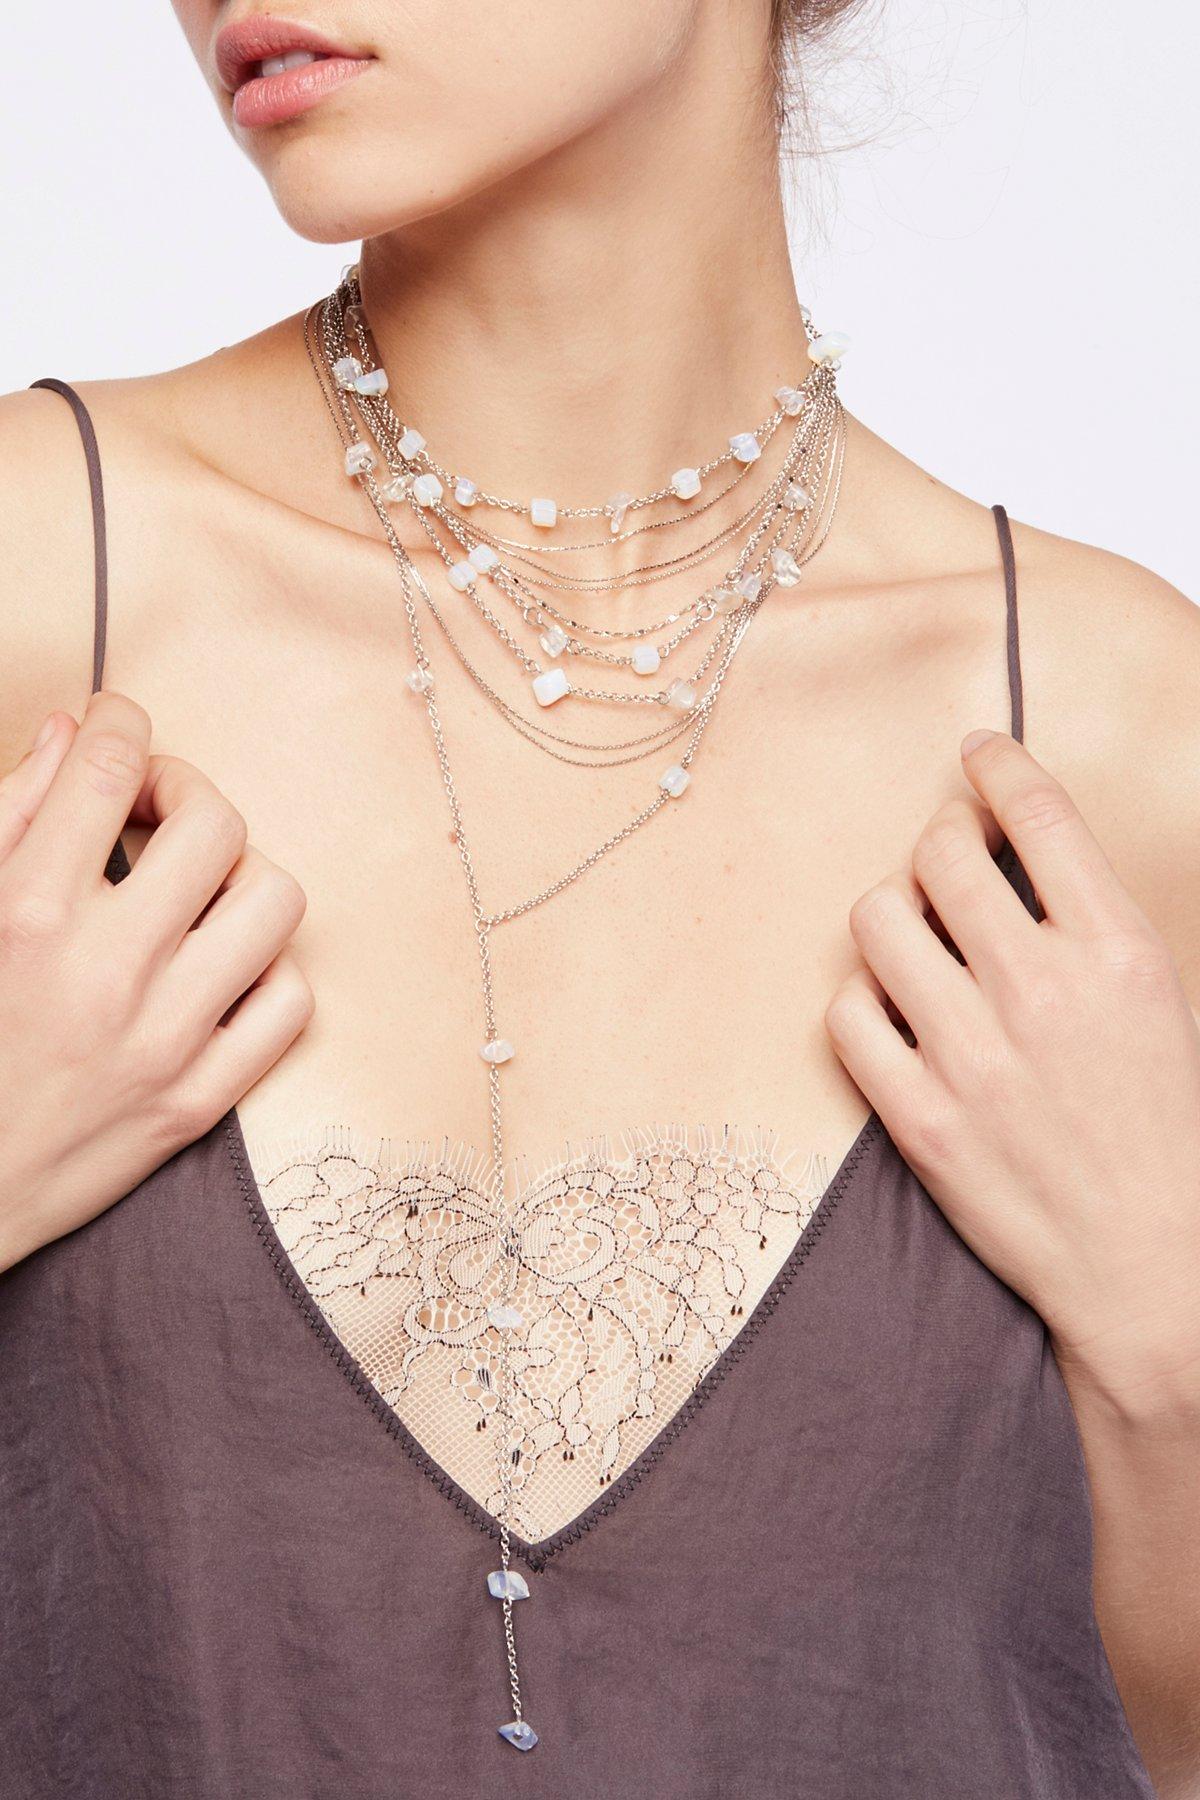 精美宝石围裹领结式项链